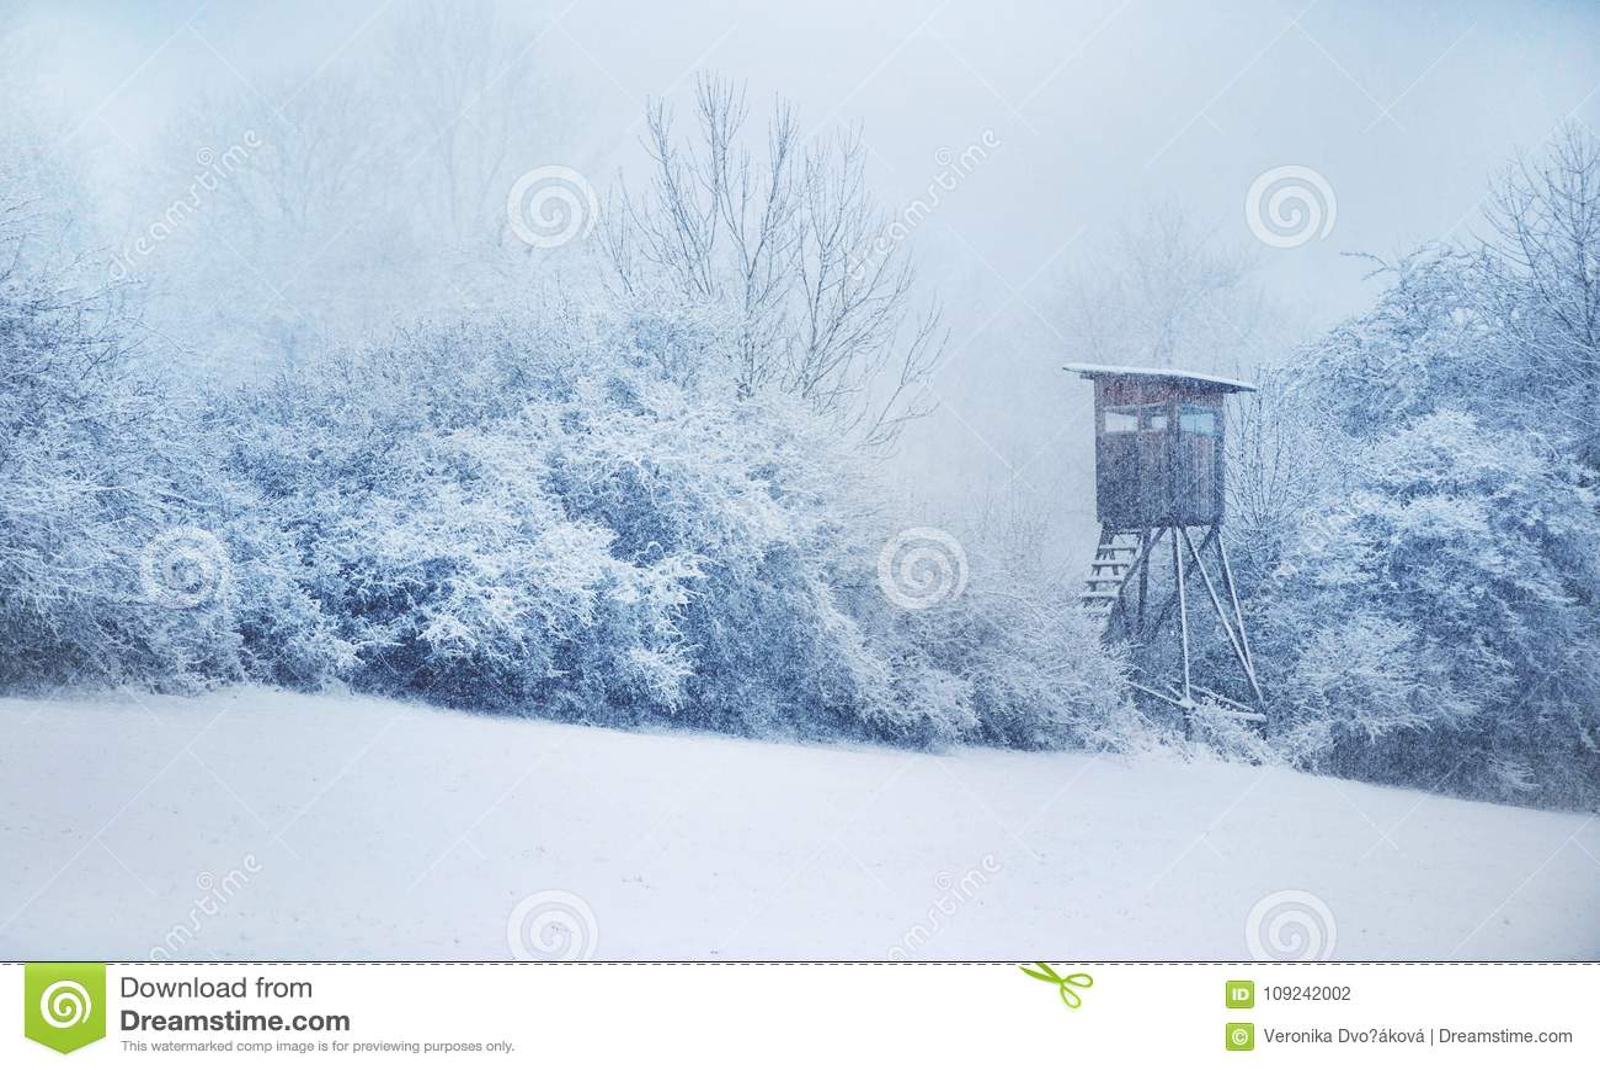 κρύψτε το κυνήγι Χειμώνας στην κεντρική Ευρώπη χιονοπτώσεις